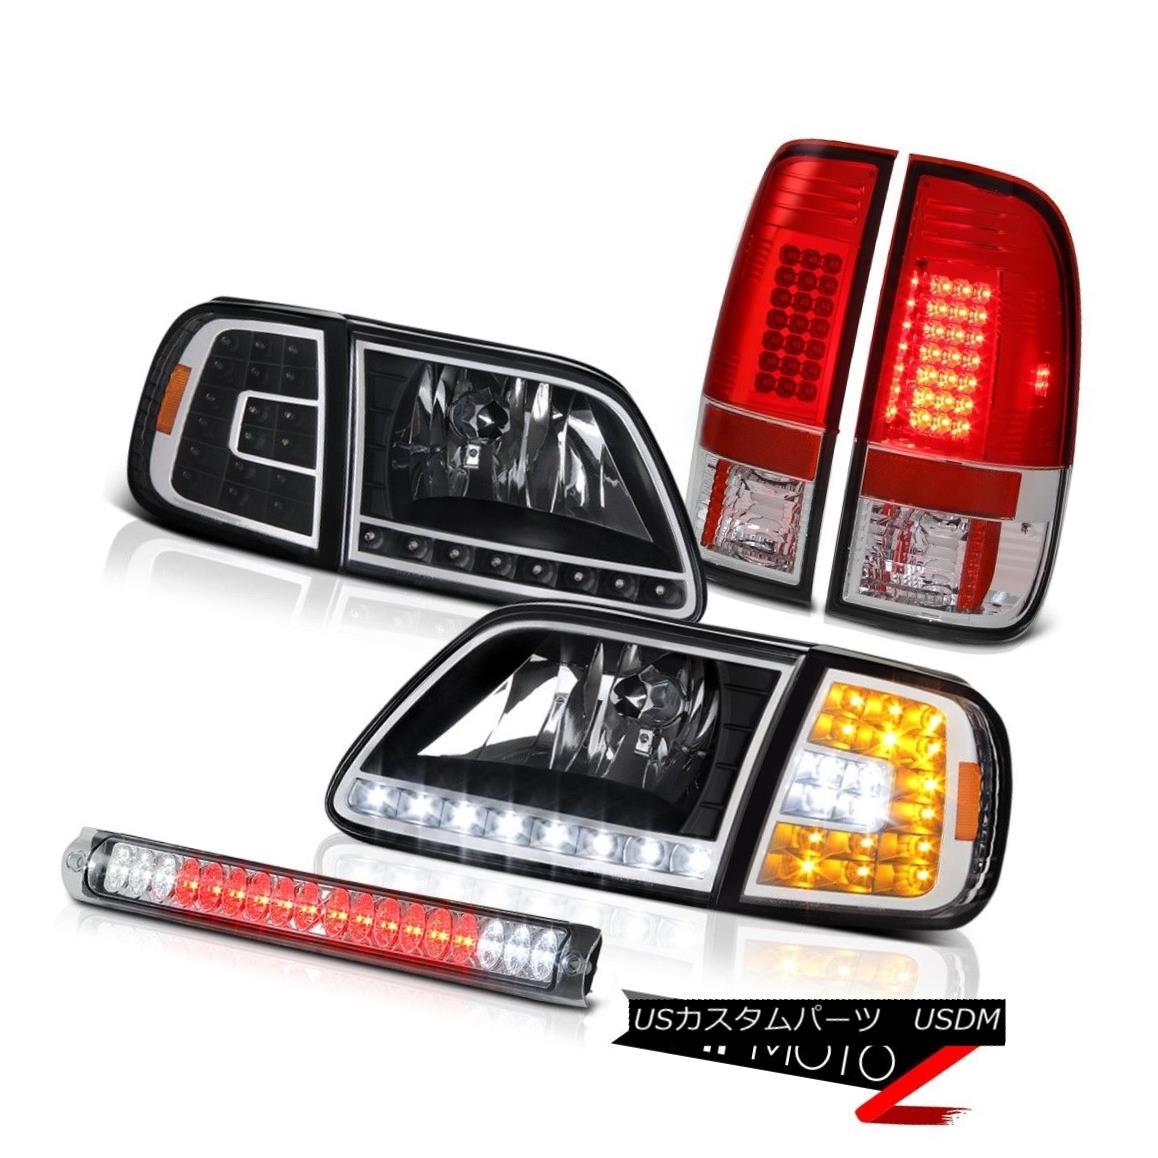 ヘッドライト 97 98 99 00 01 02 03 F150 5.4 LED Corner Headlights Red Tail High Stop Clear 97 98 99 00 01 02 03 F150 5.4 LEDコーナーヘッドライト赤テールハイストップクリア